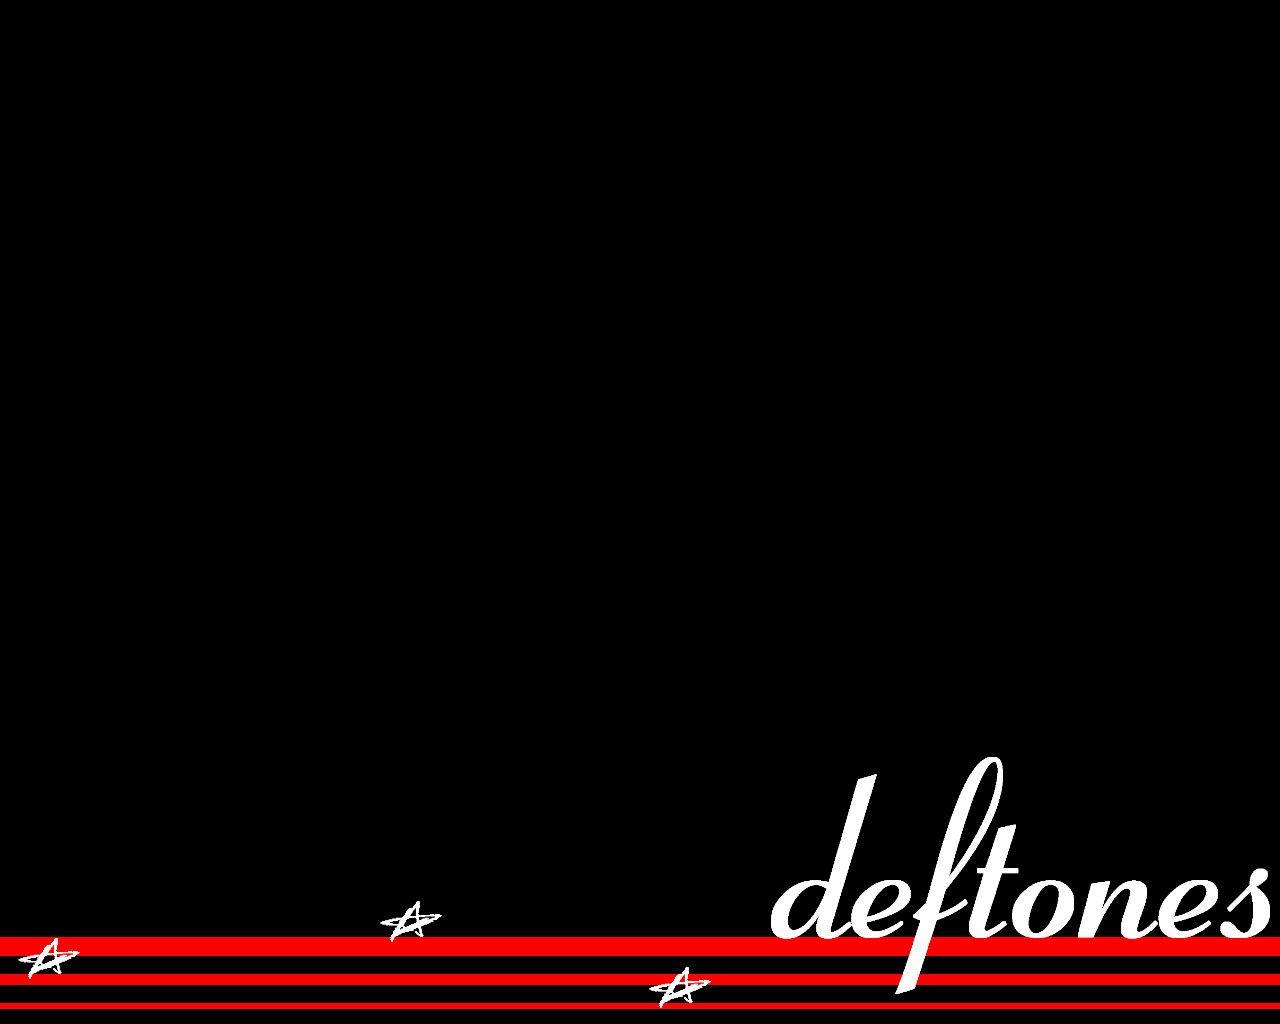 Deftones Wallpapers 1280x1024